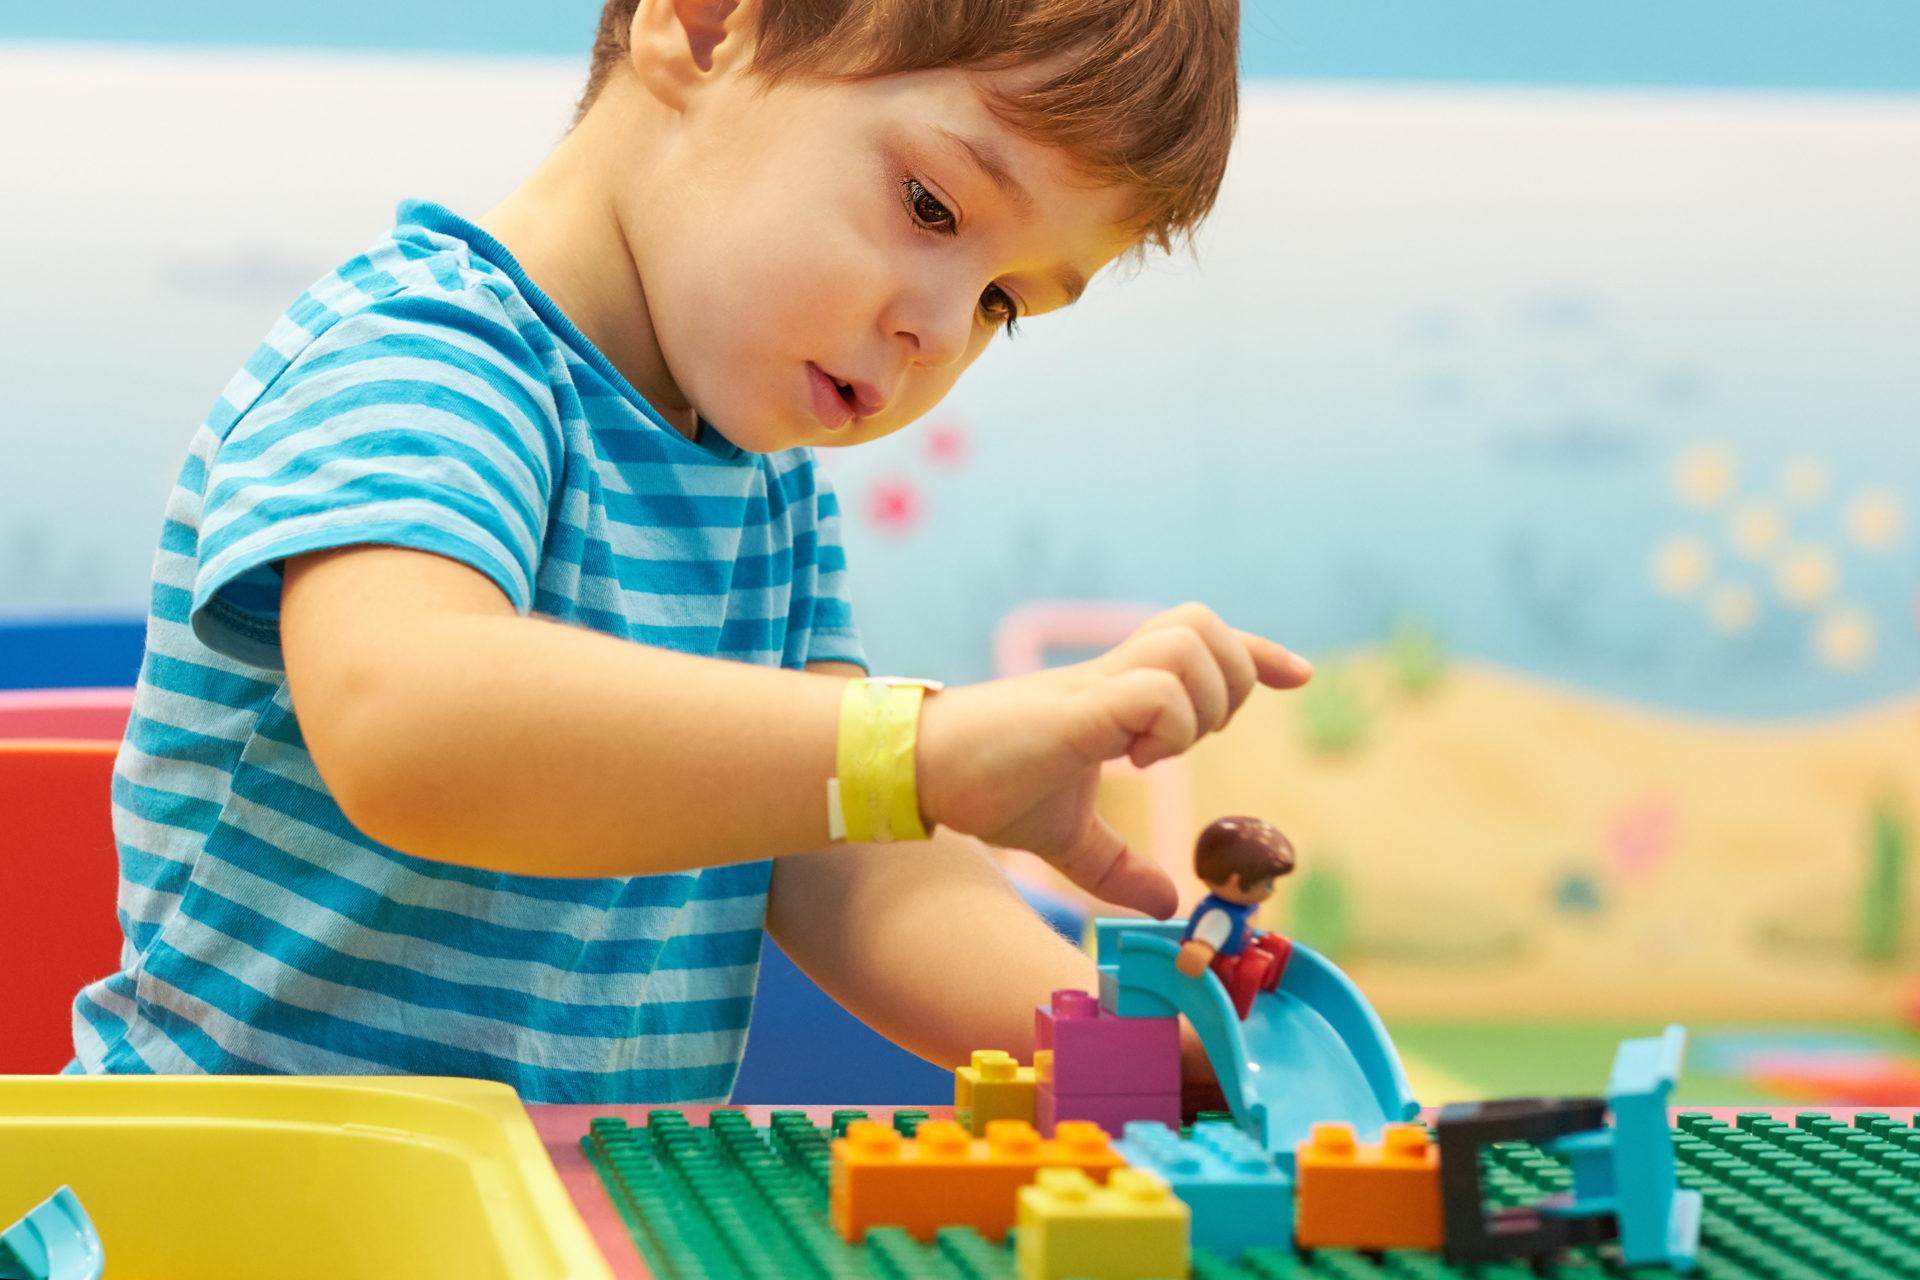 Jeu, Jouet Enfant - Jeu Enfant 2 Ans, 3 Ans, 4 Ans Et 5 Ans concernant Jeux Gratuit Pour Garçon 5 Ans